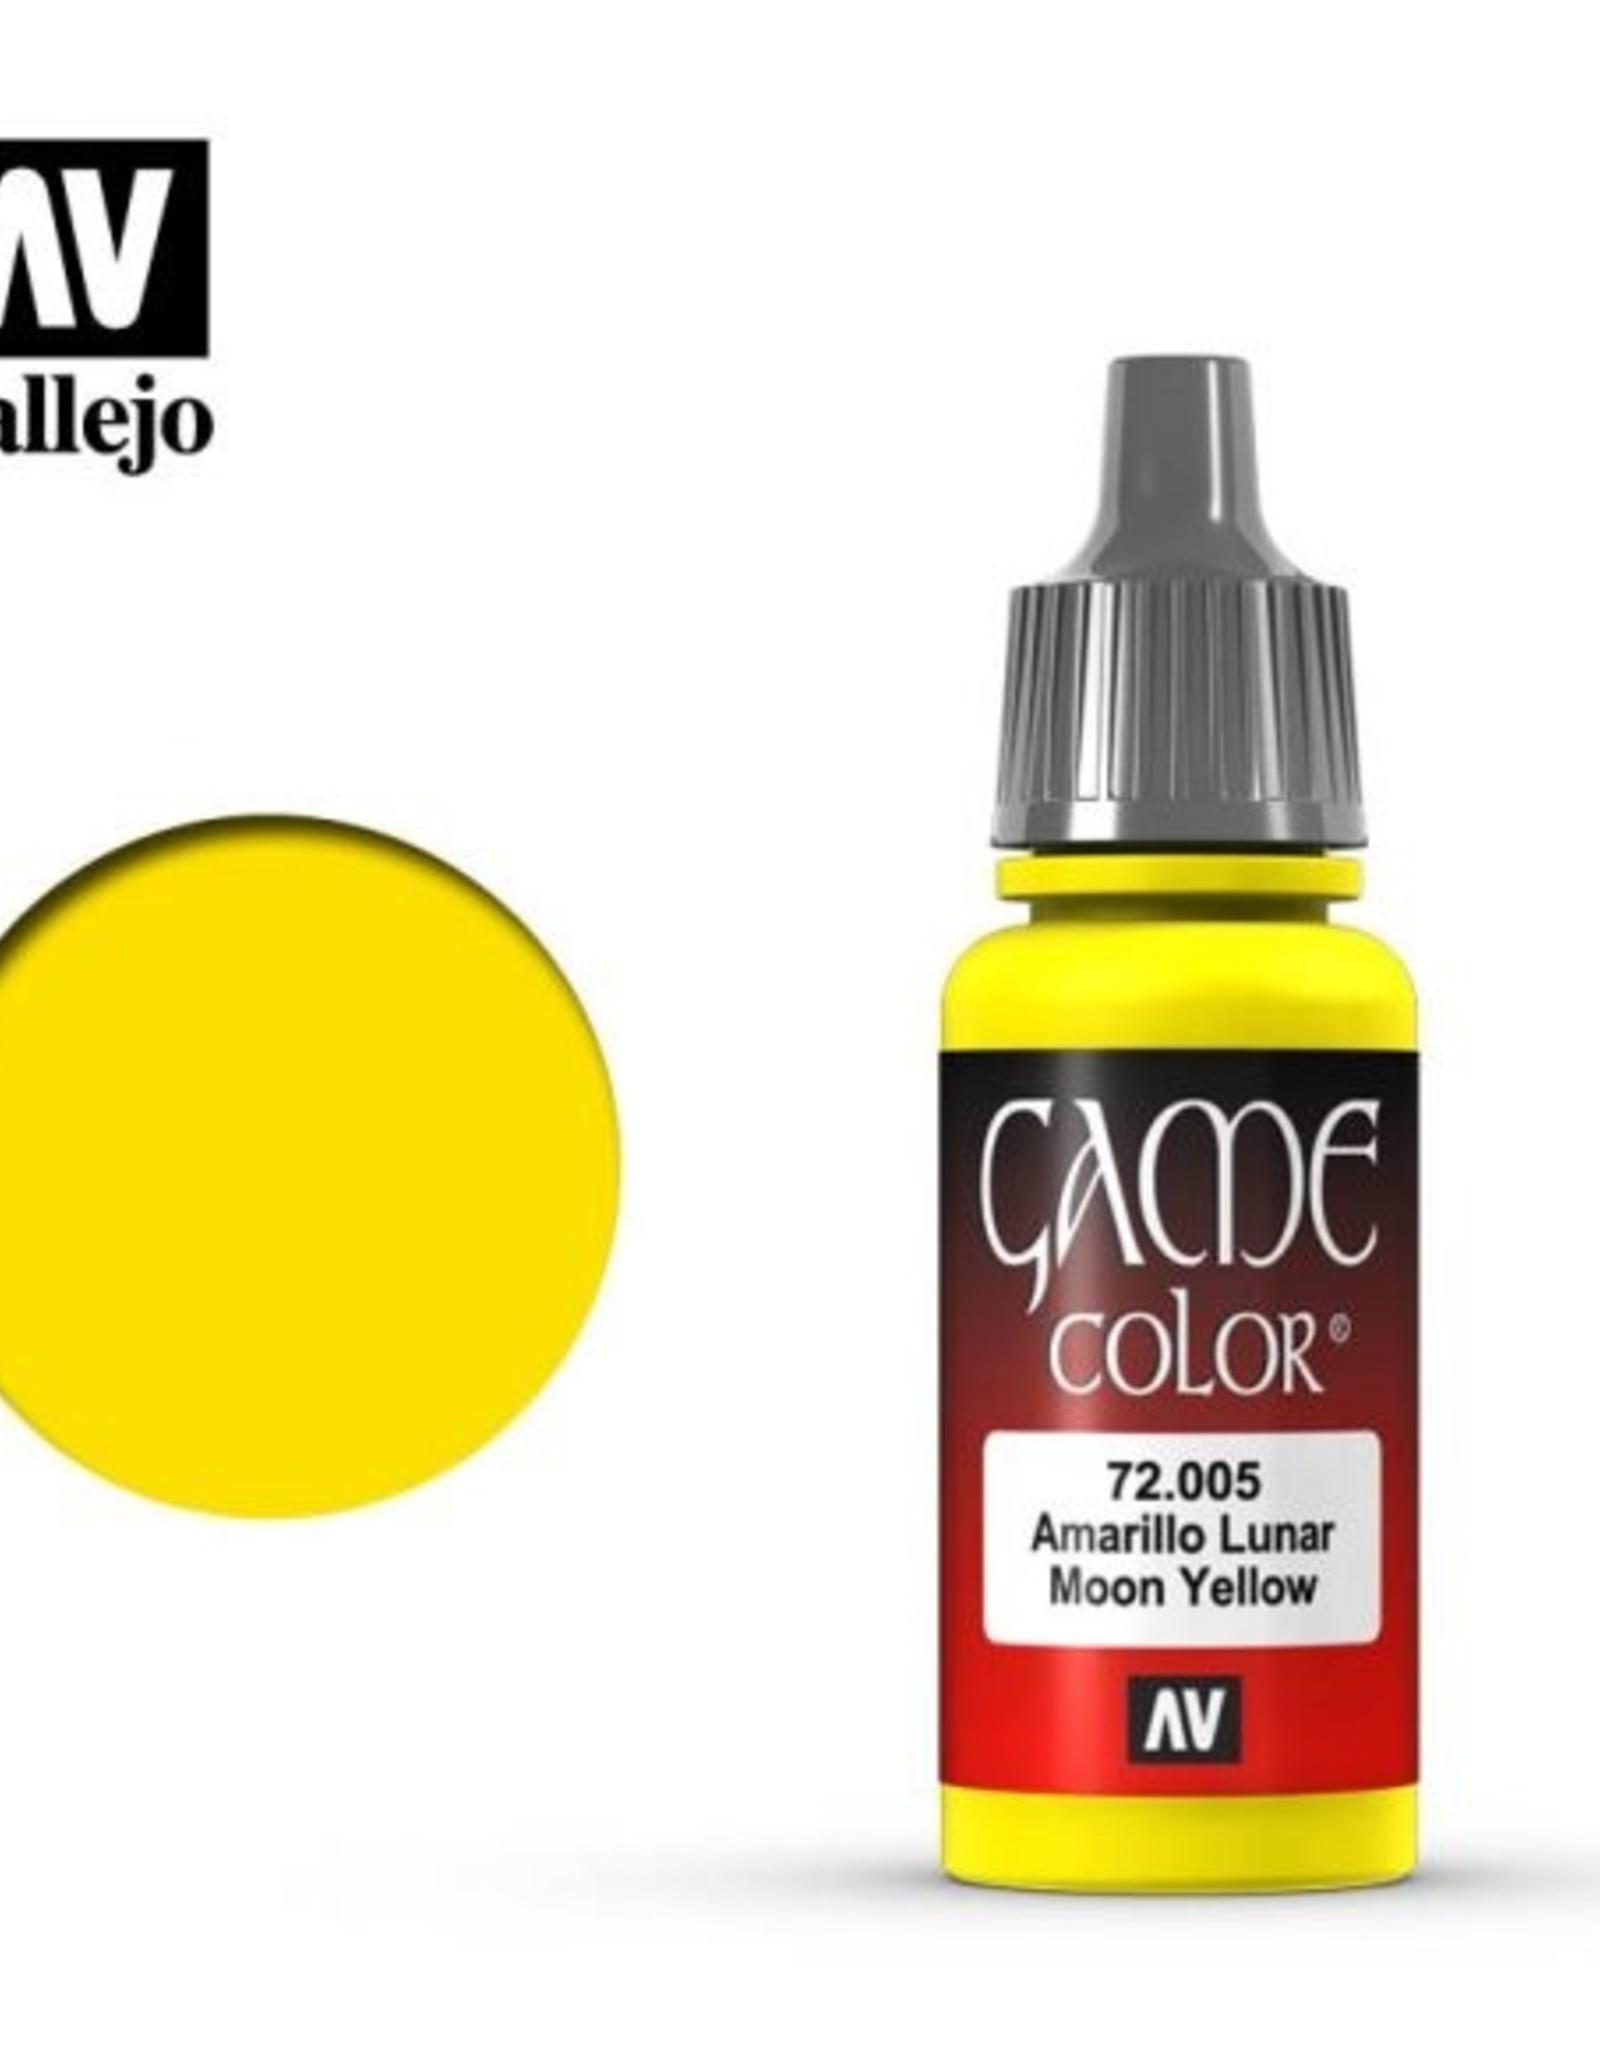 Vallejo 72.005 Moon Yellow